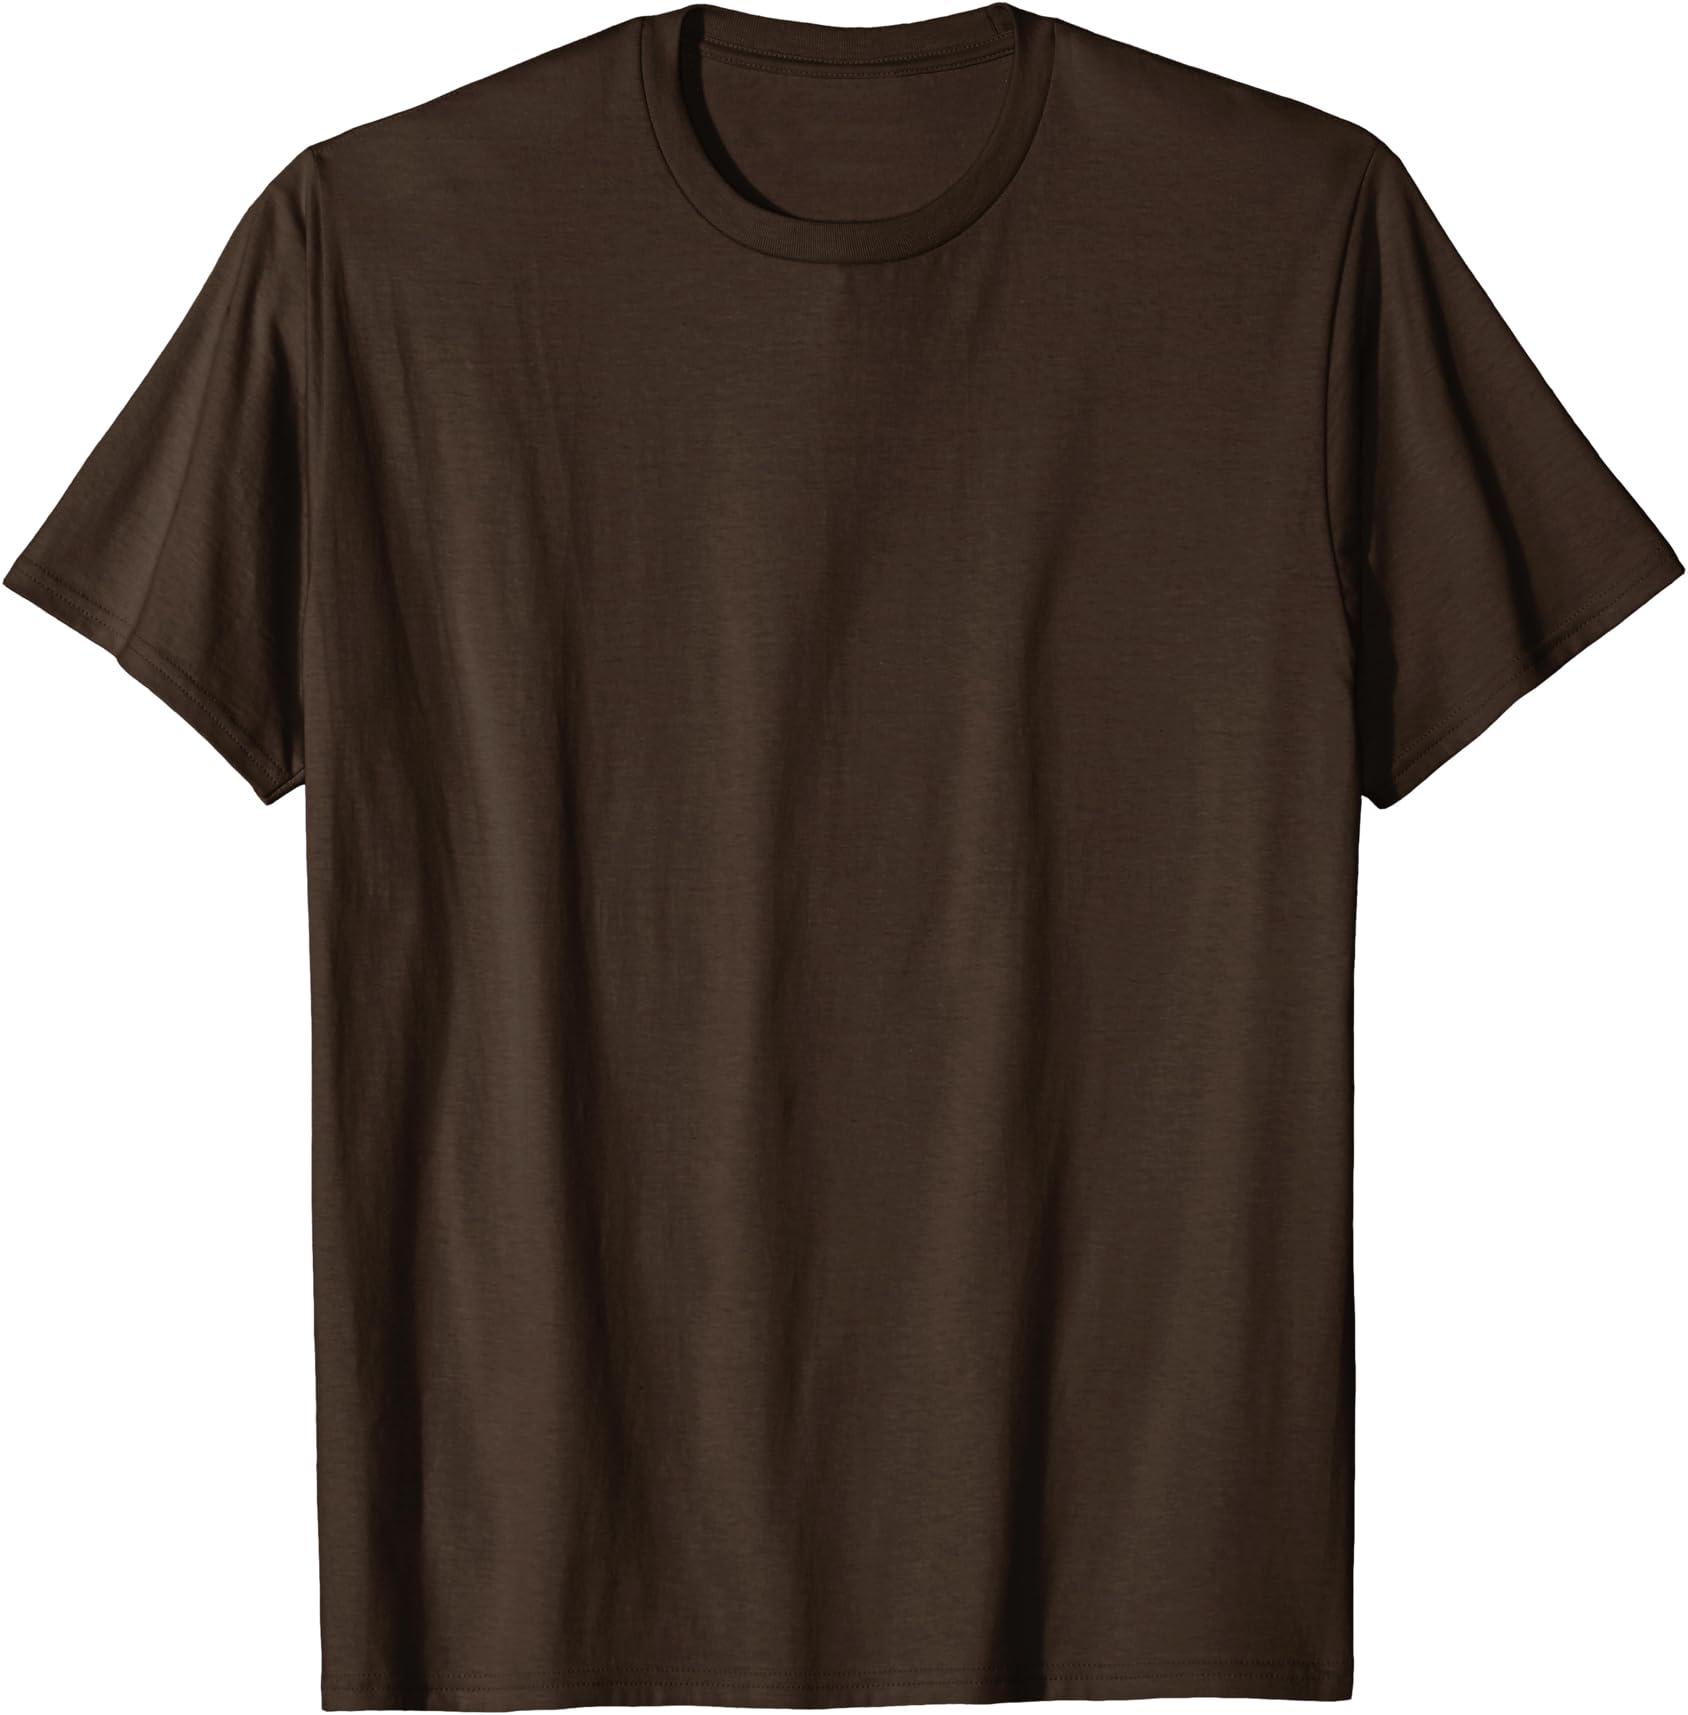 Problem Solved Fishing Tshirt Funny T Shirt Wife Marriage Birthday Christmas Gif